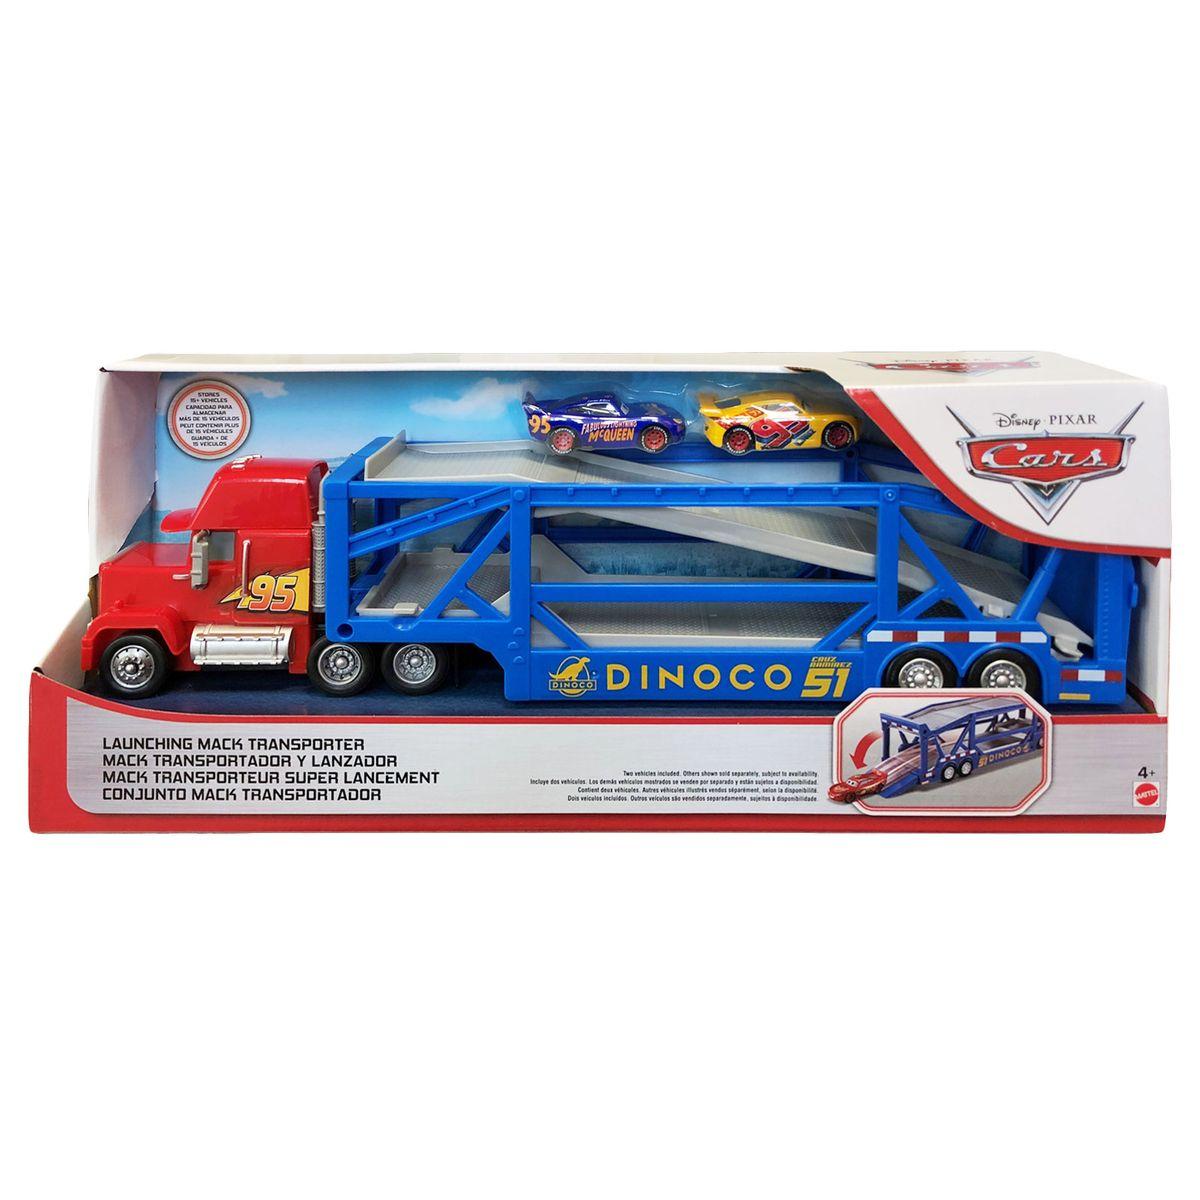 Mattel GKR5   Disney Cars   Auto Transporter   Dinoco Mack Truck inkl. 5  Fahrzeugen